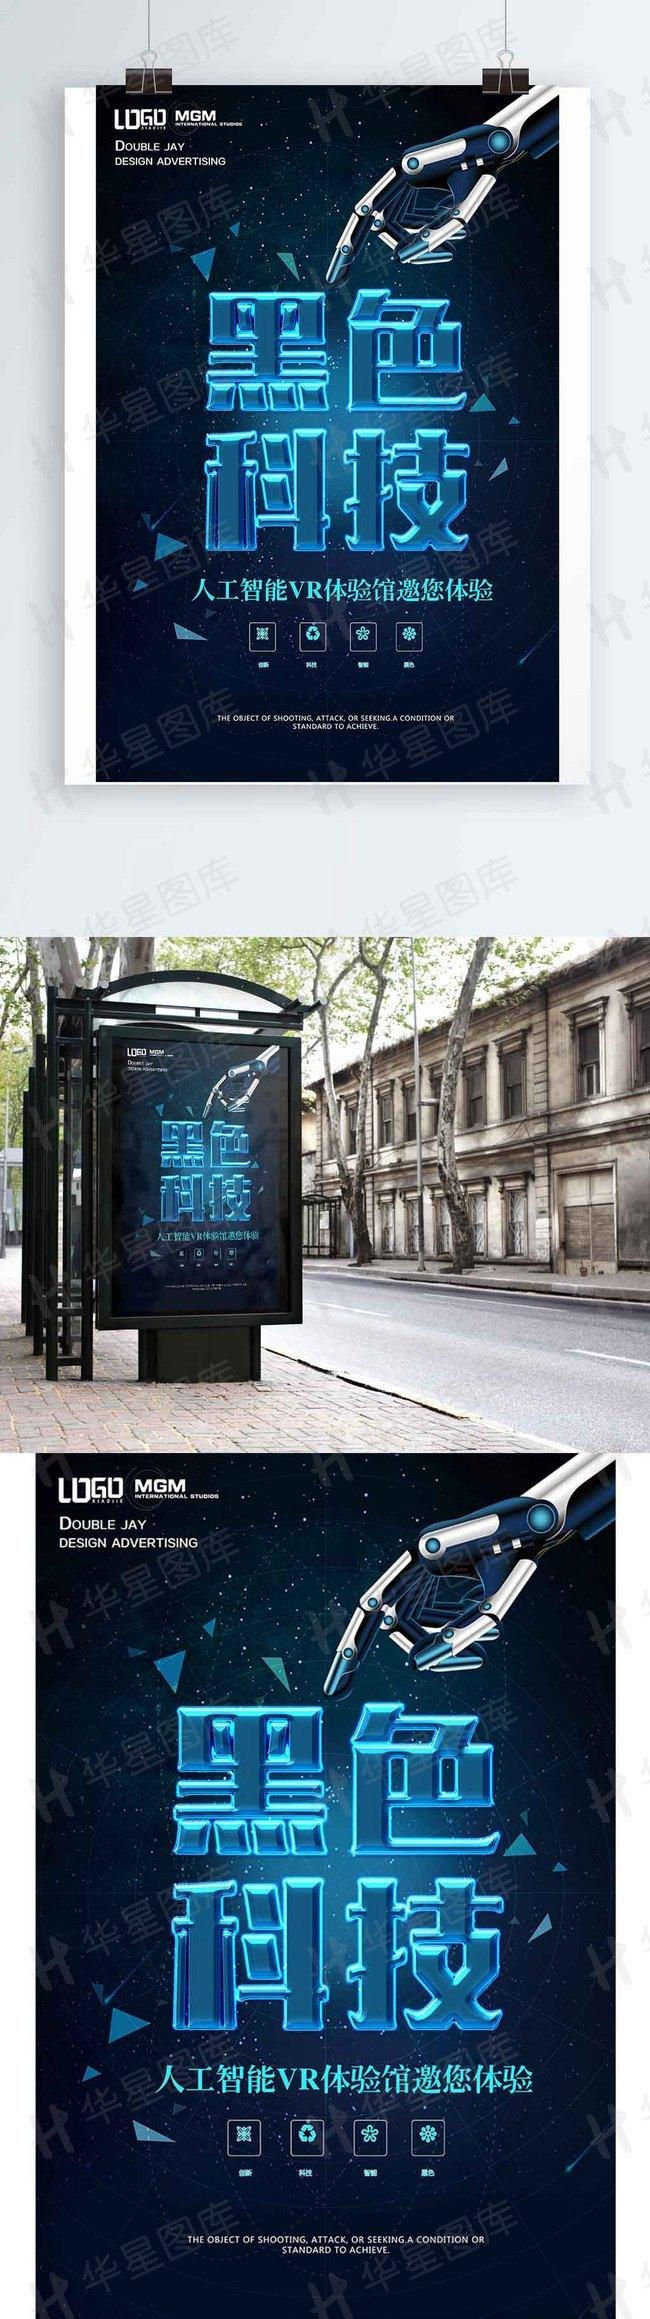 立体字科技类黑色科技海报